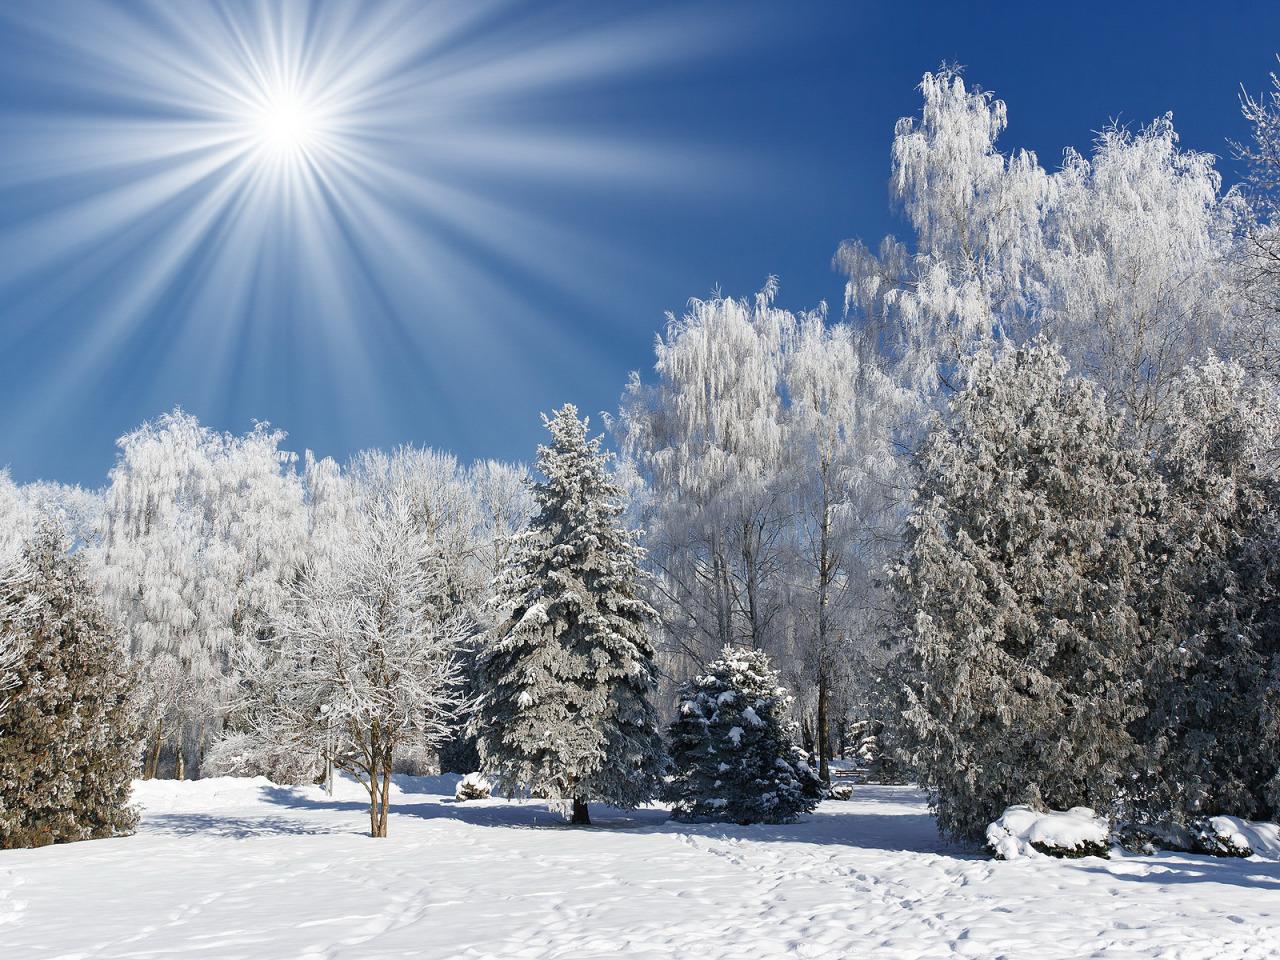 Картинки для рабочего стола зимней природы